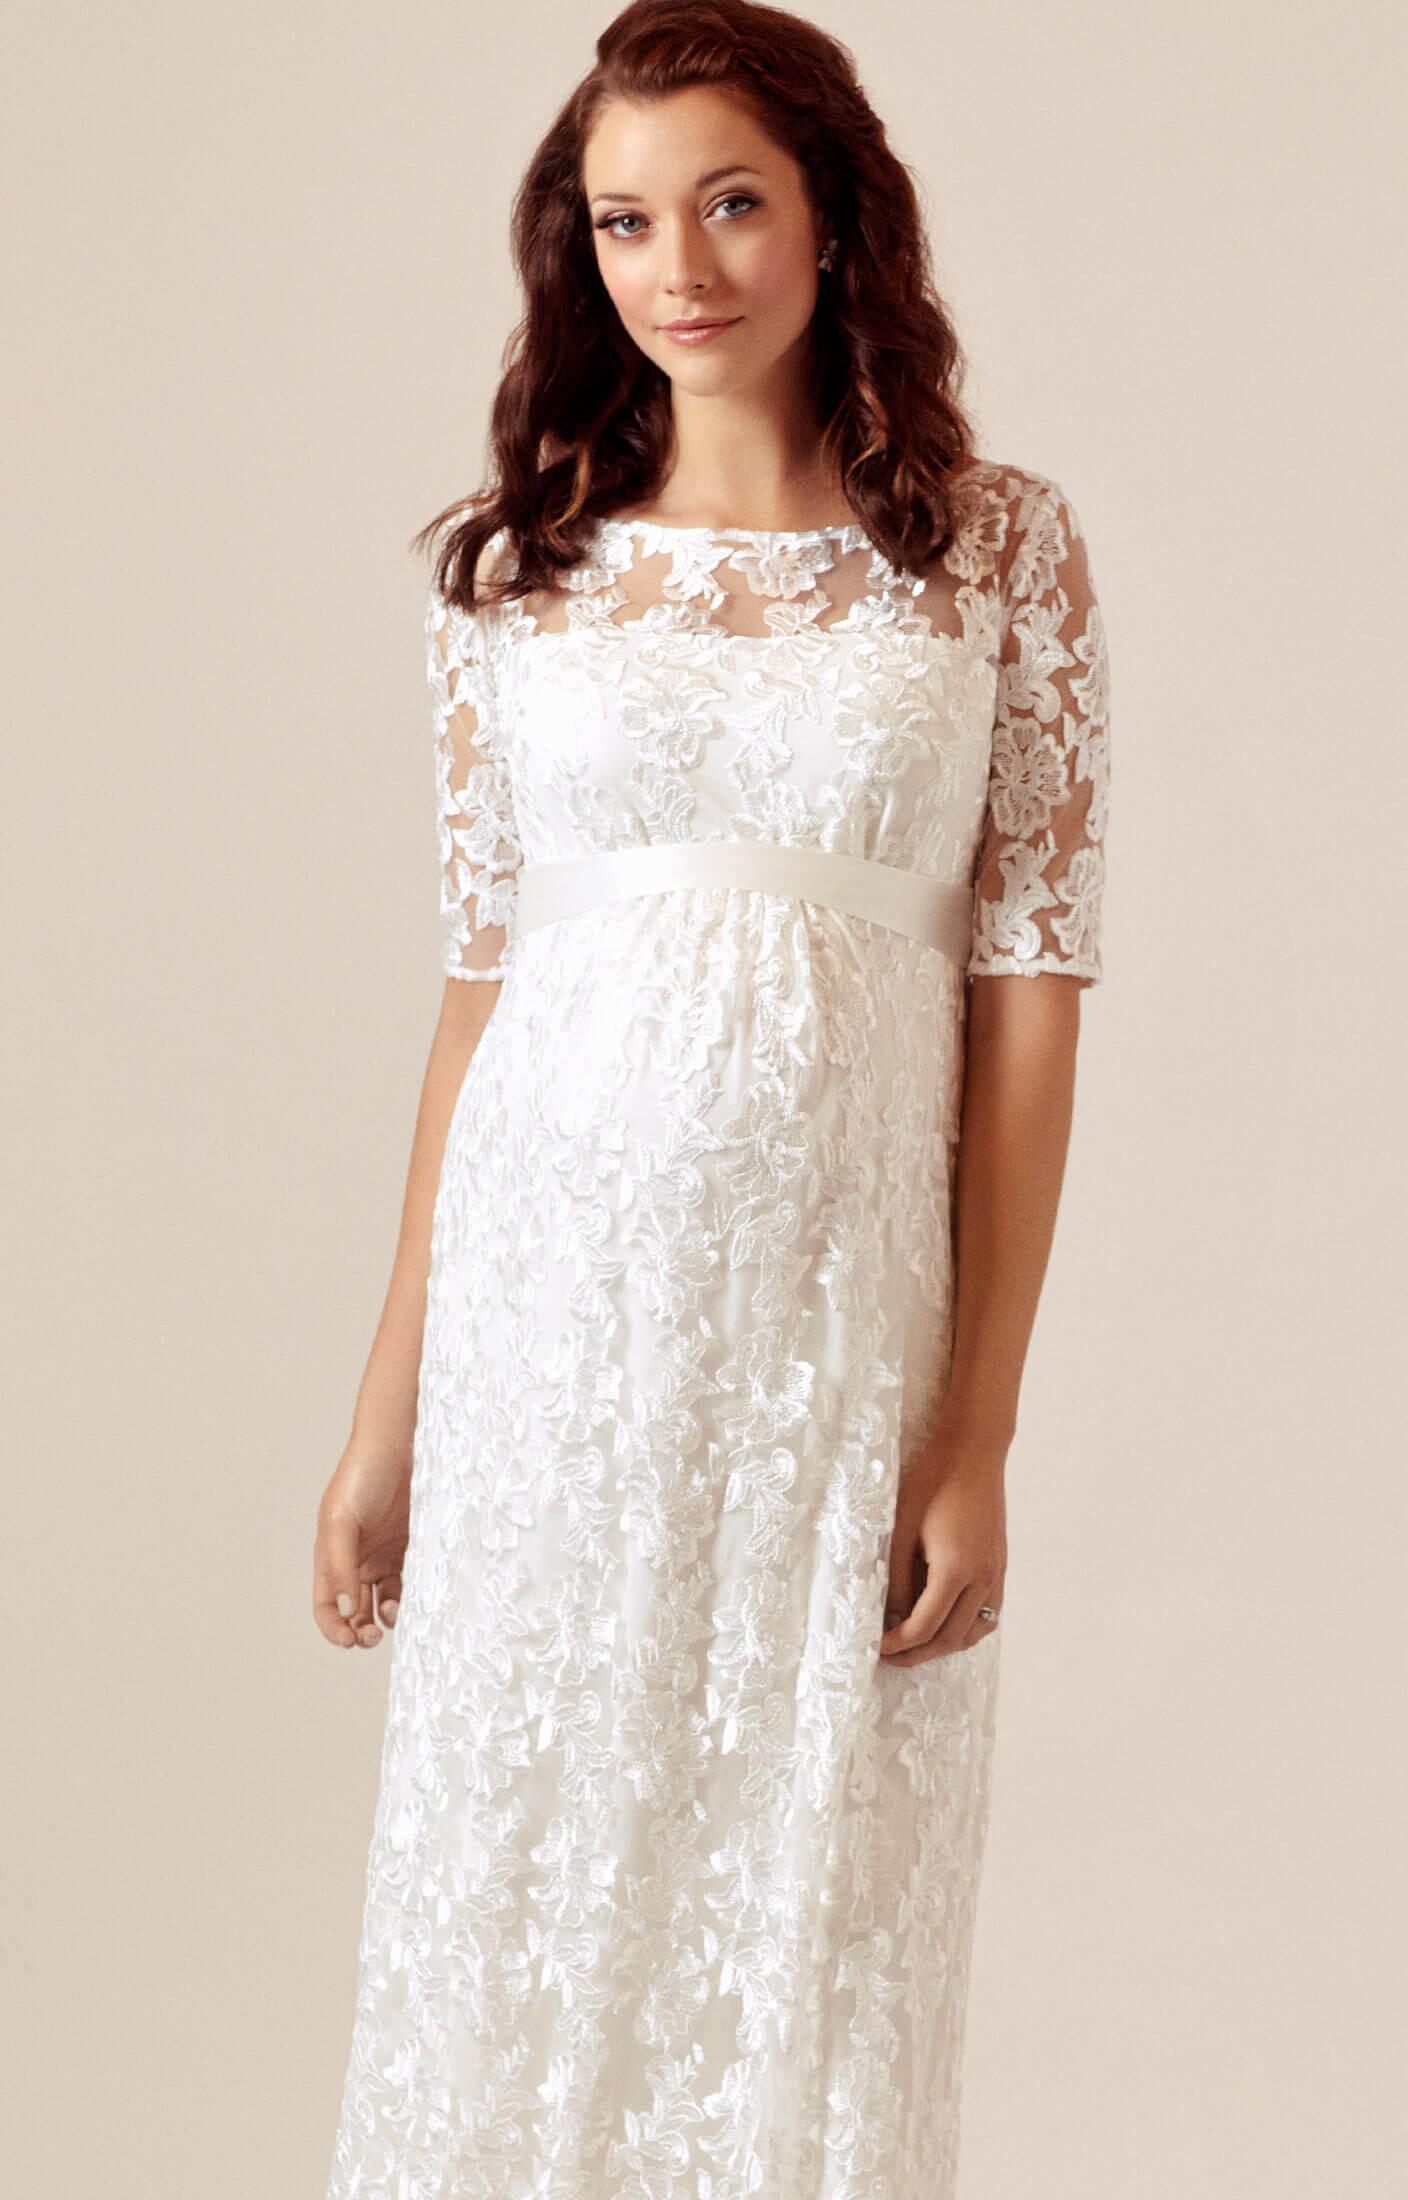 17 Erstaunlich Kleid Lang Weiß Spezialgebiet Spektakulär Kleid Lang Weiß Spezialgebiet